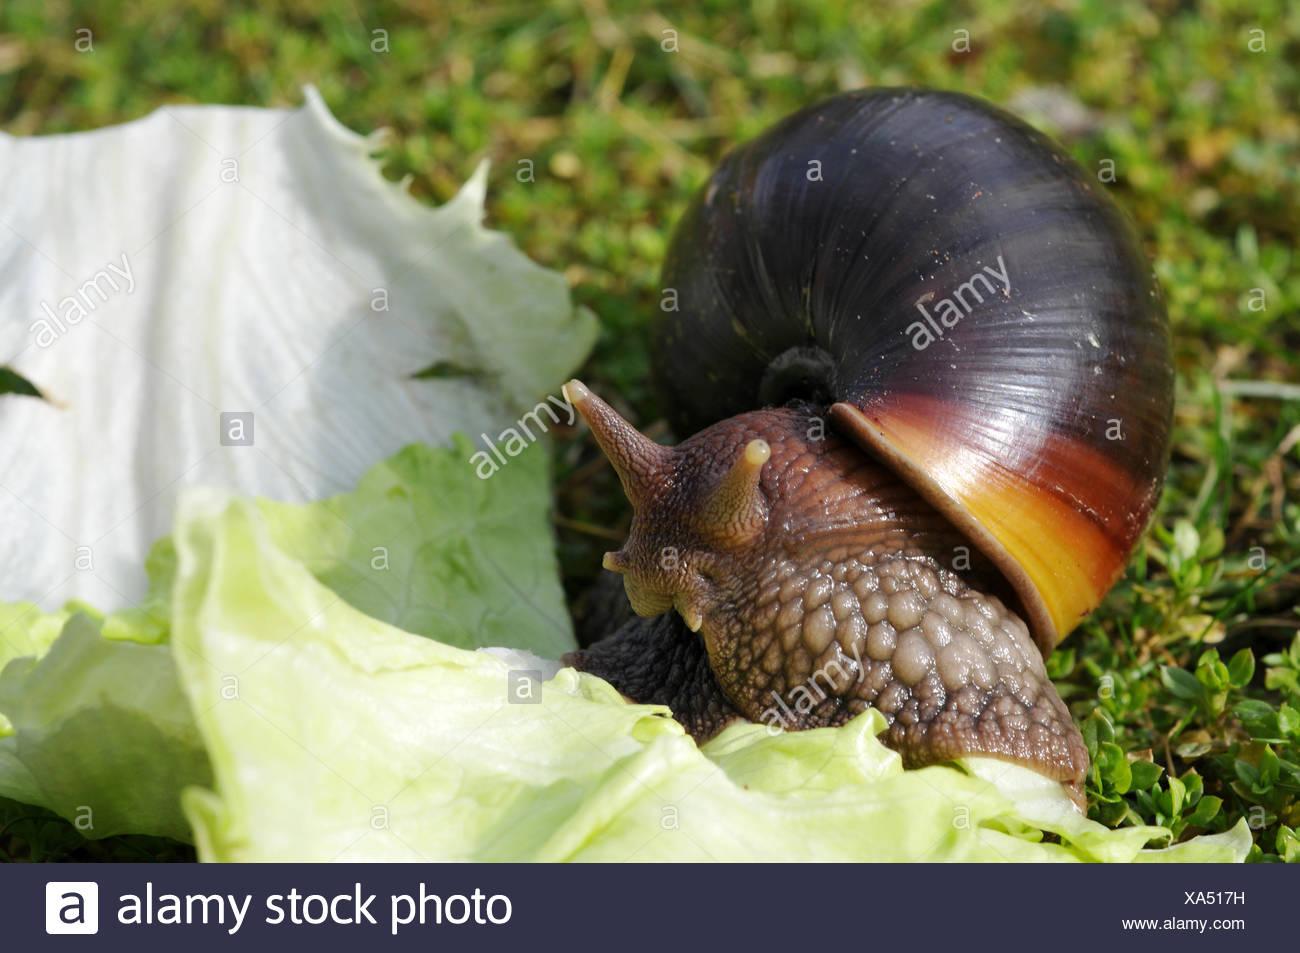 afrikanische riesenschnecke riesenschnecke Stock Photo